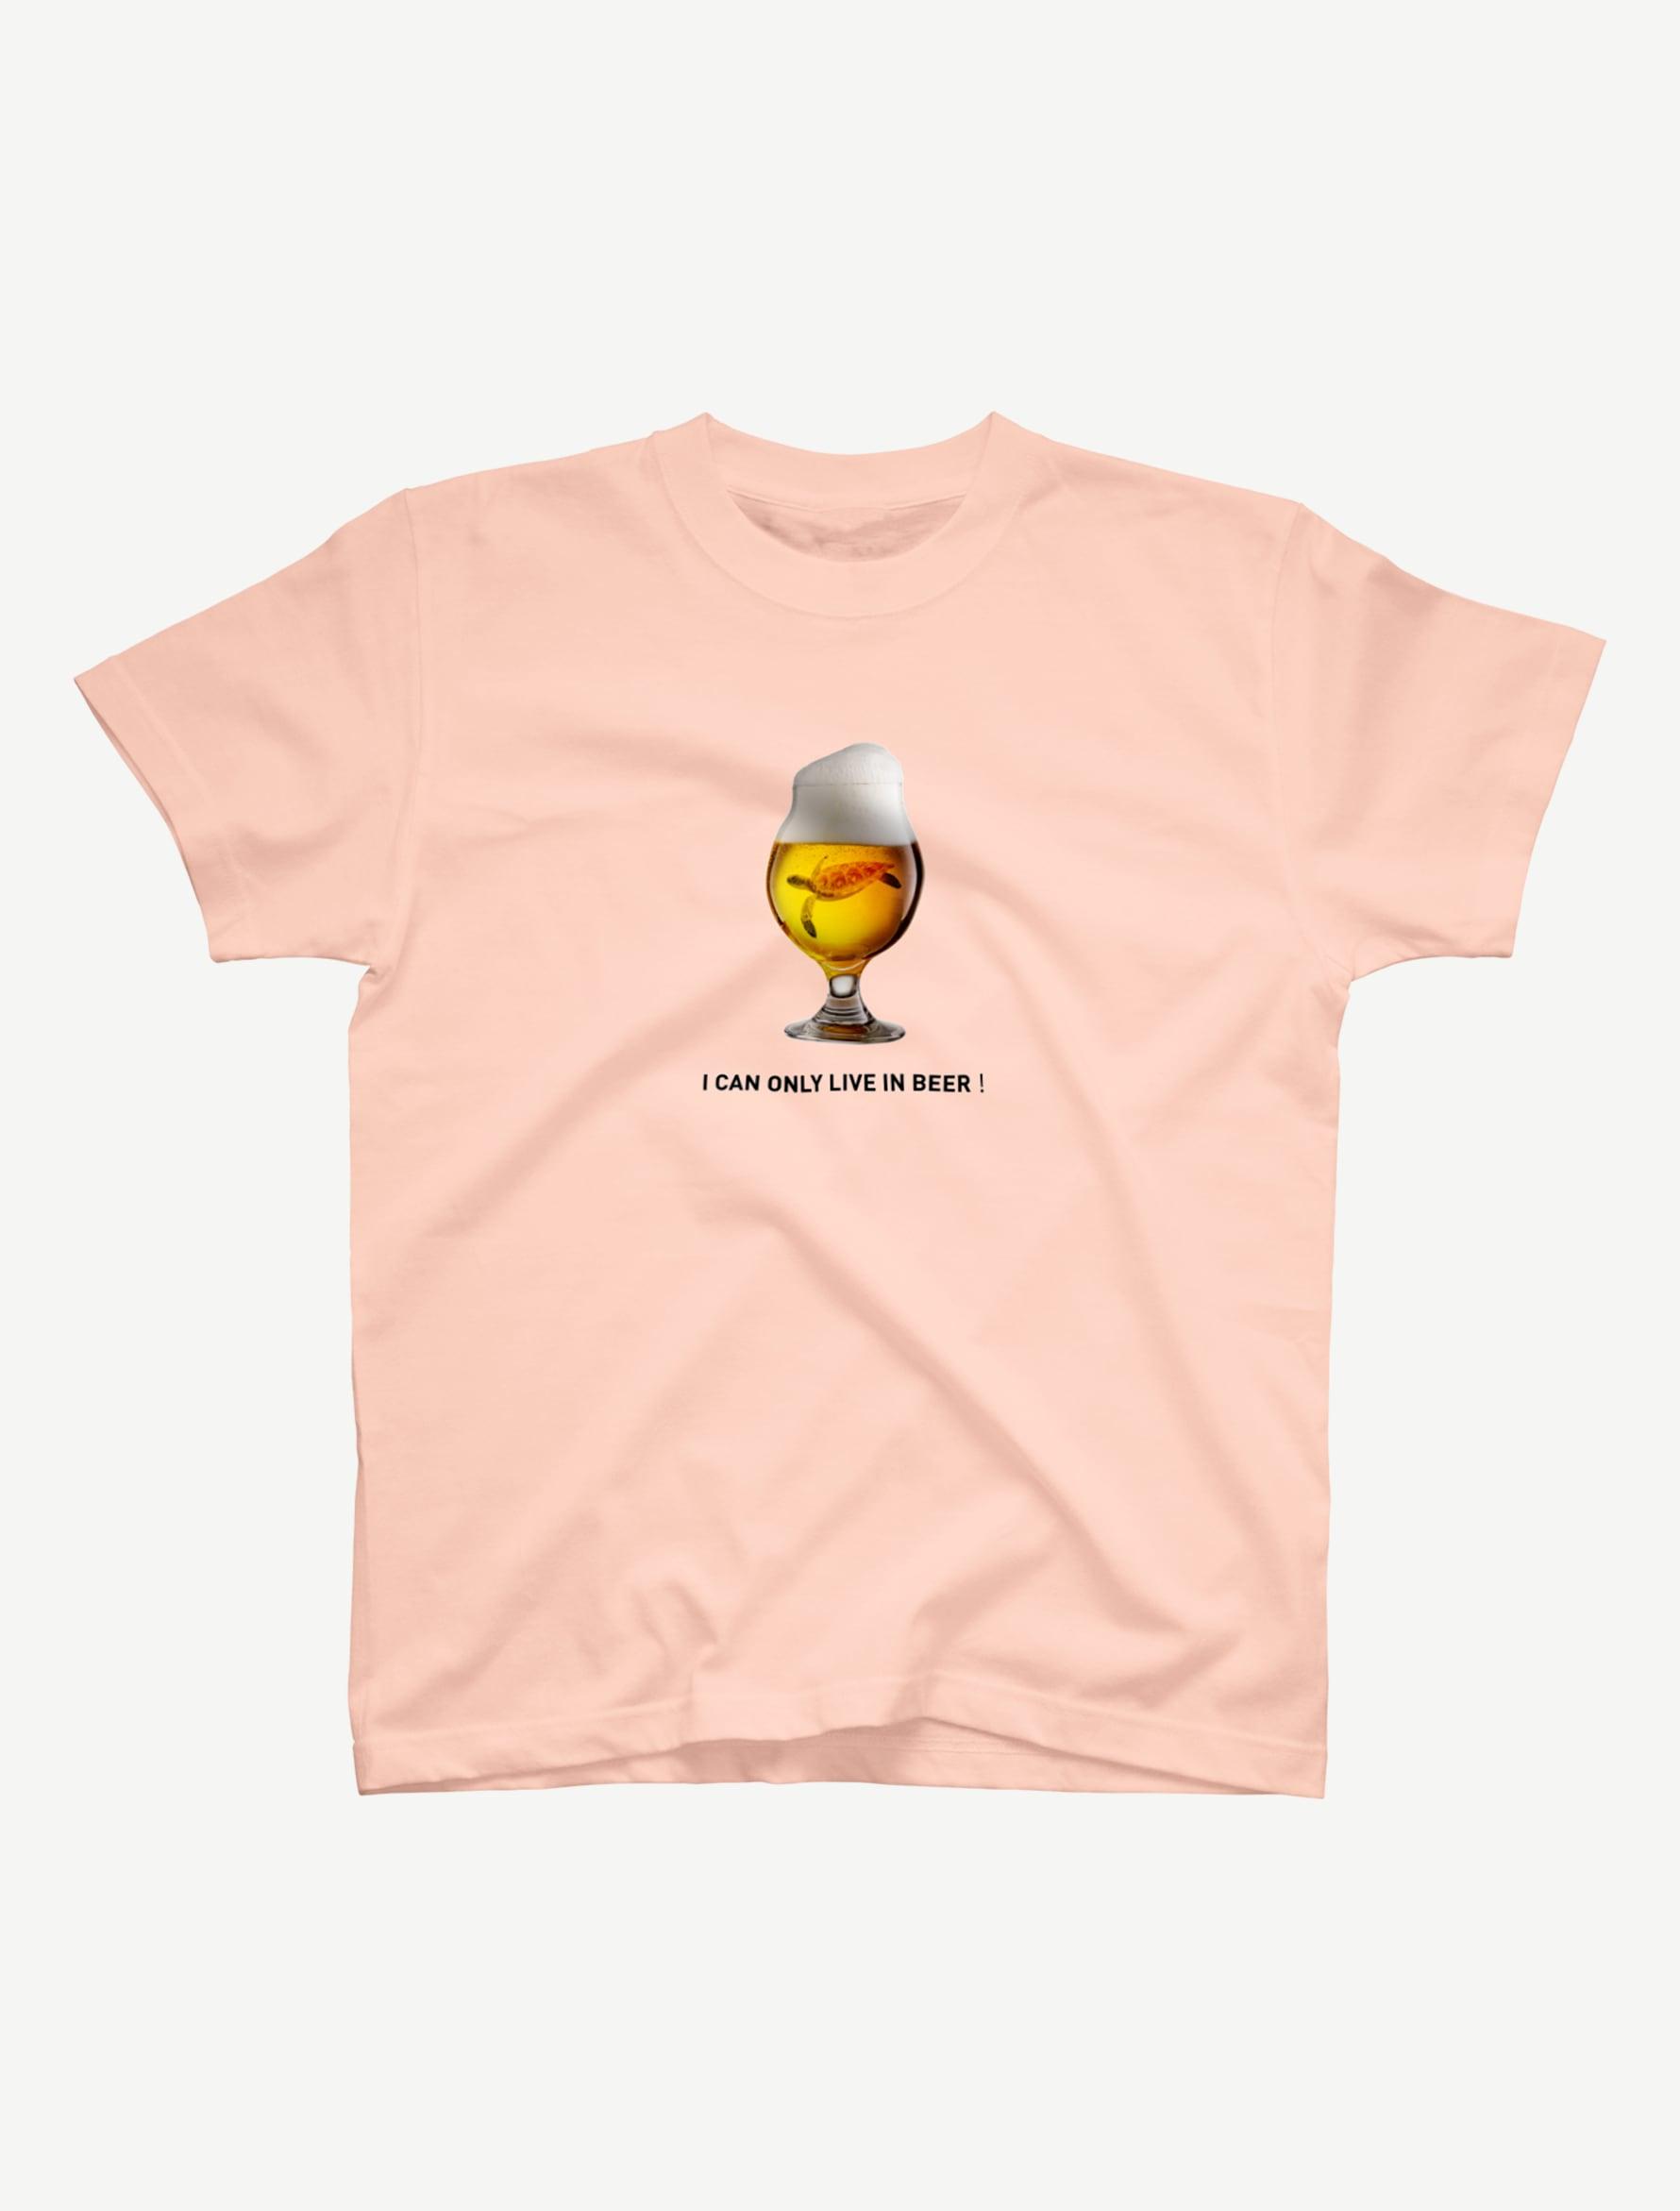 【ビールの中でしか・・・ウミガメ】Tシャツ(アプリコット)